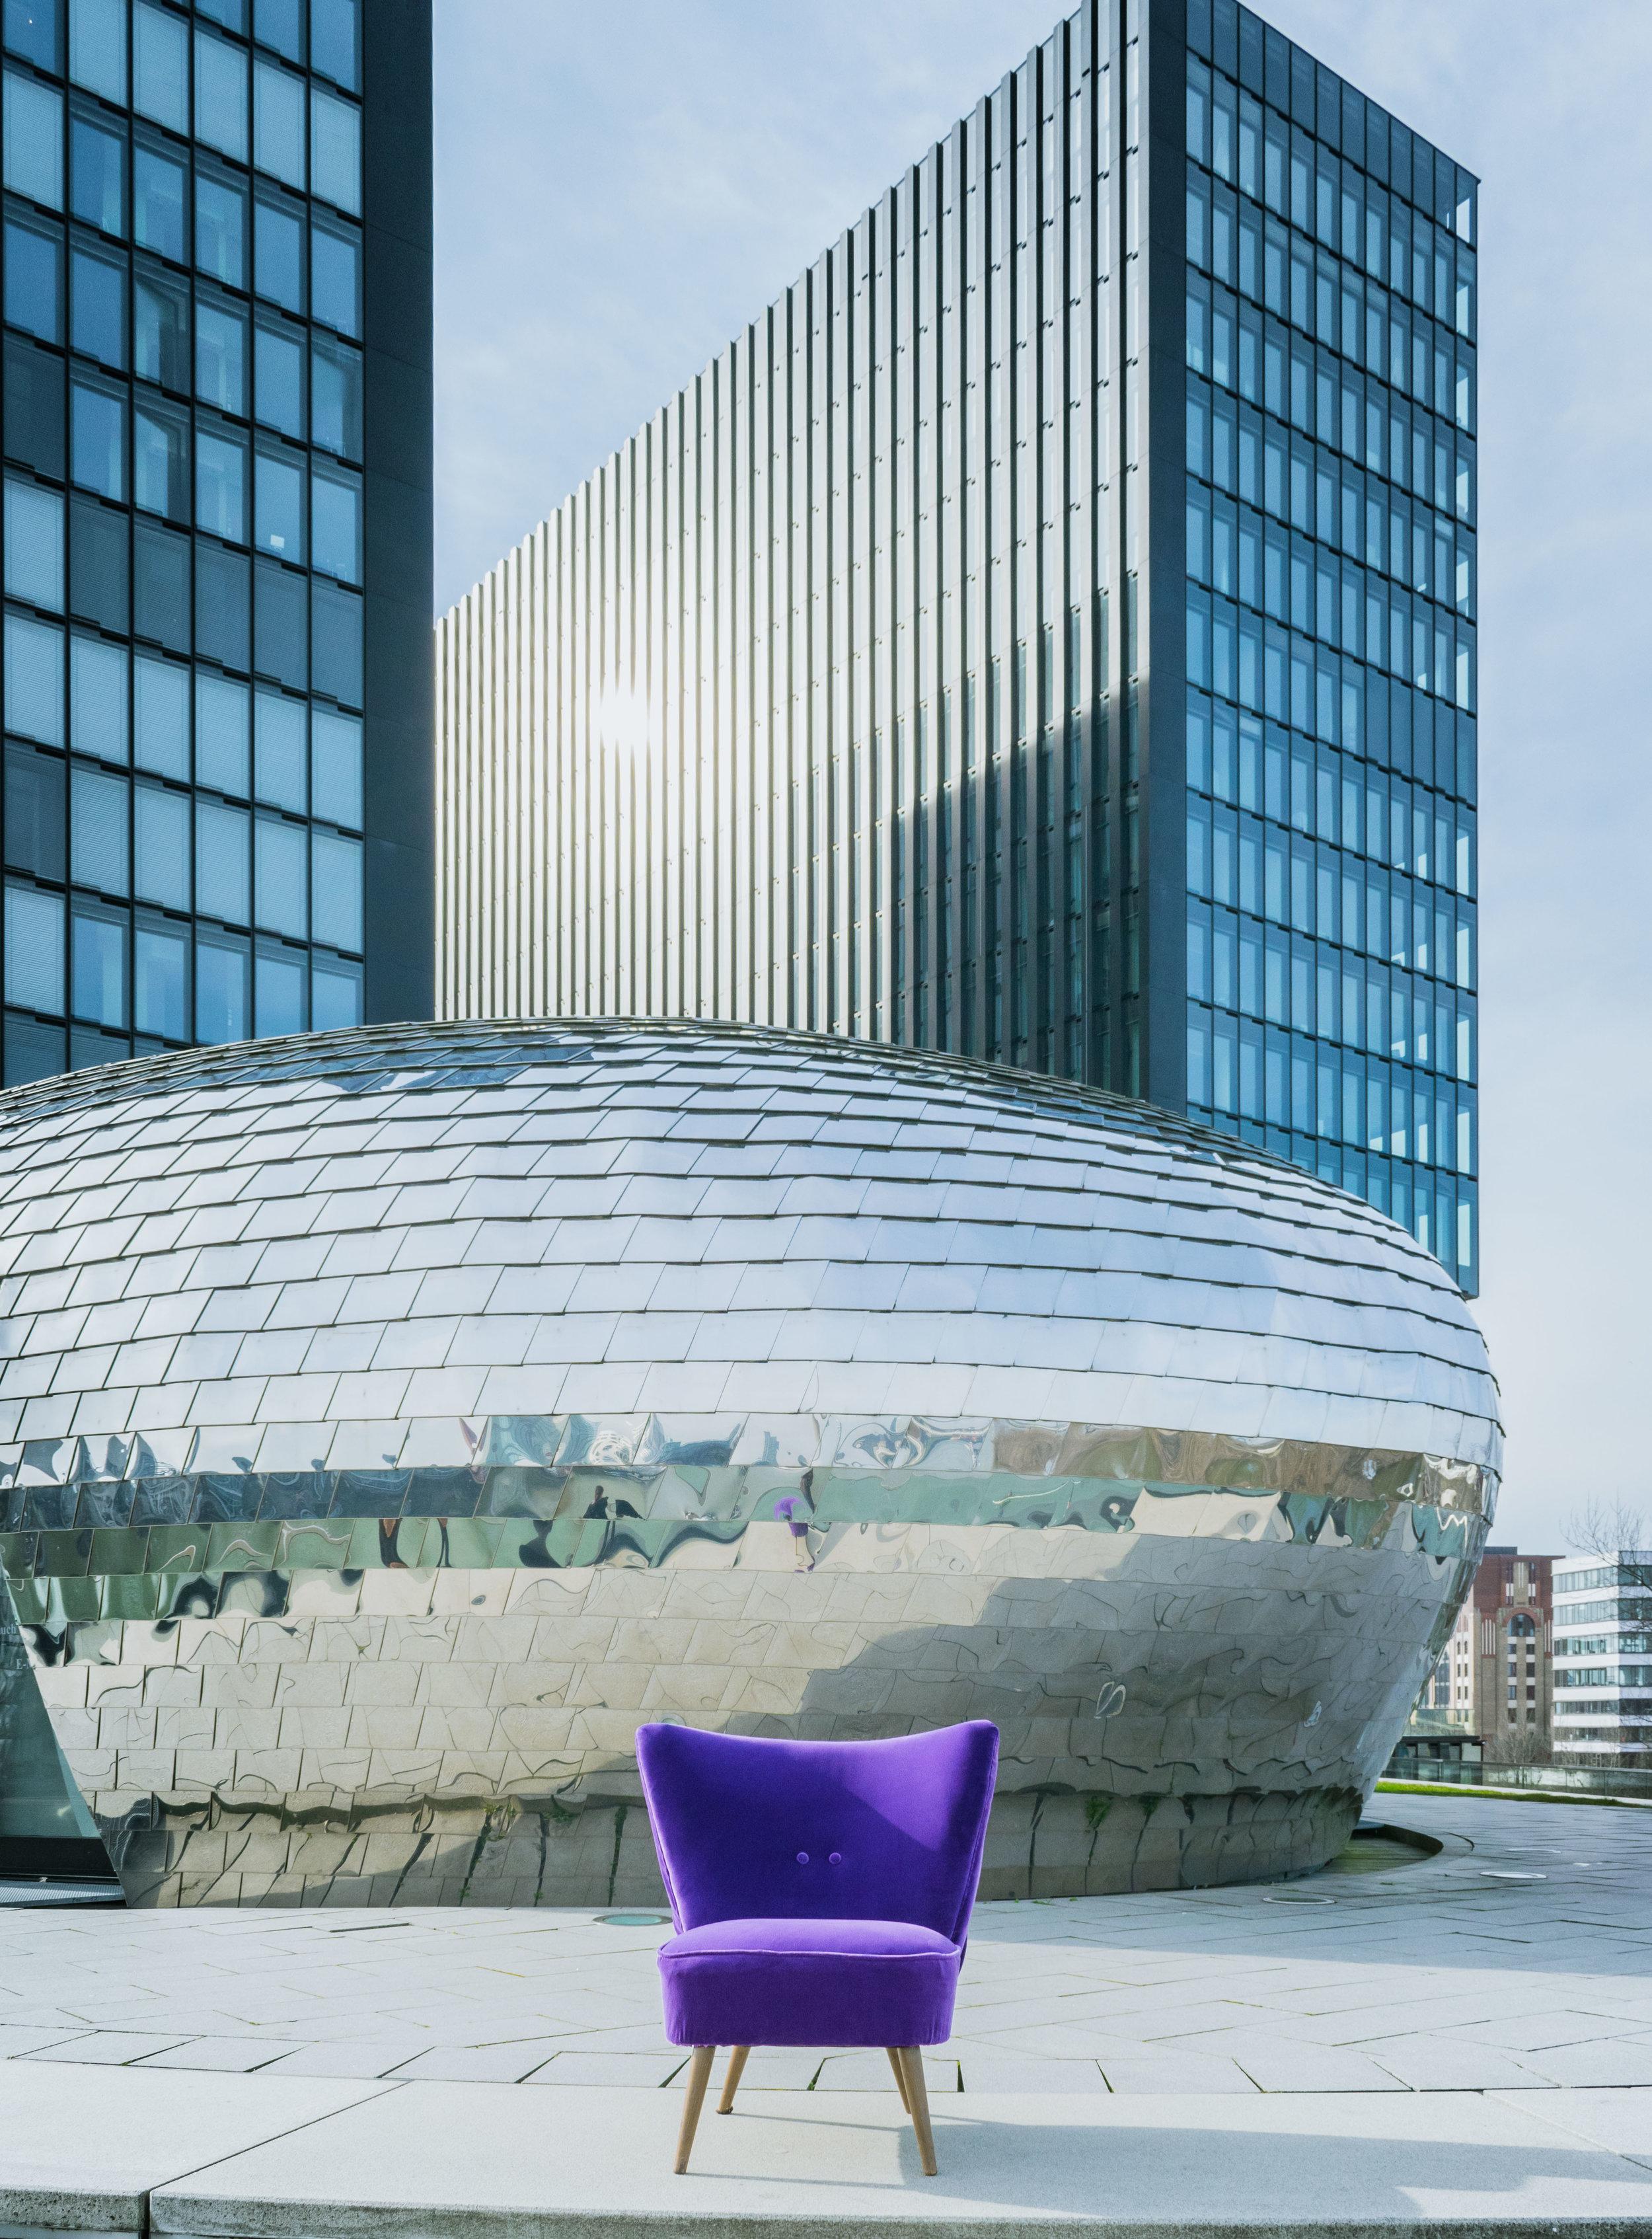 Ultra violet chair in velvet